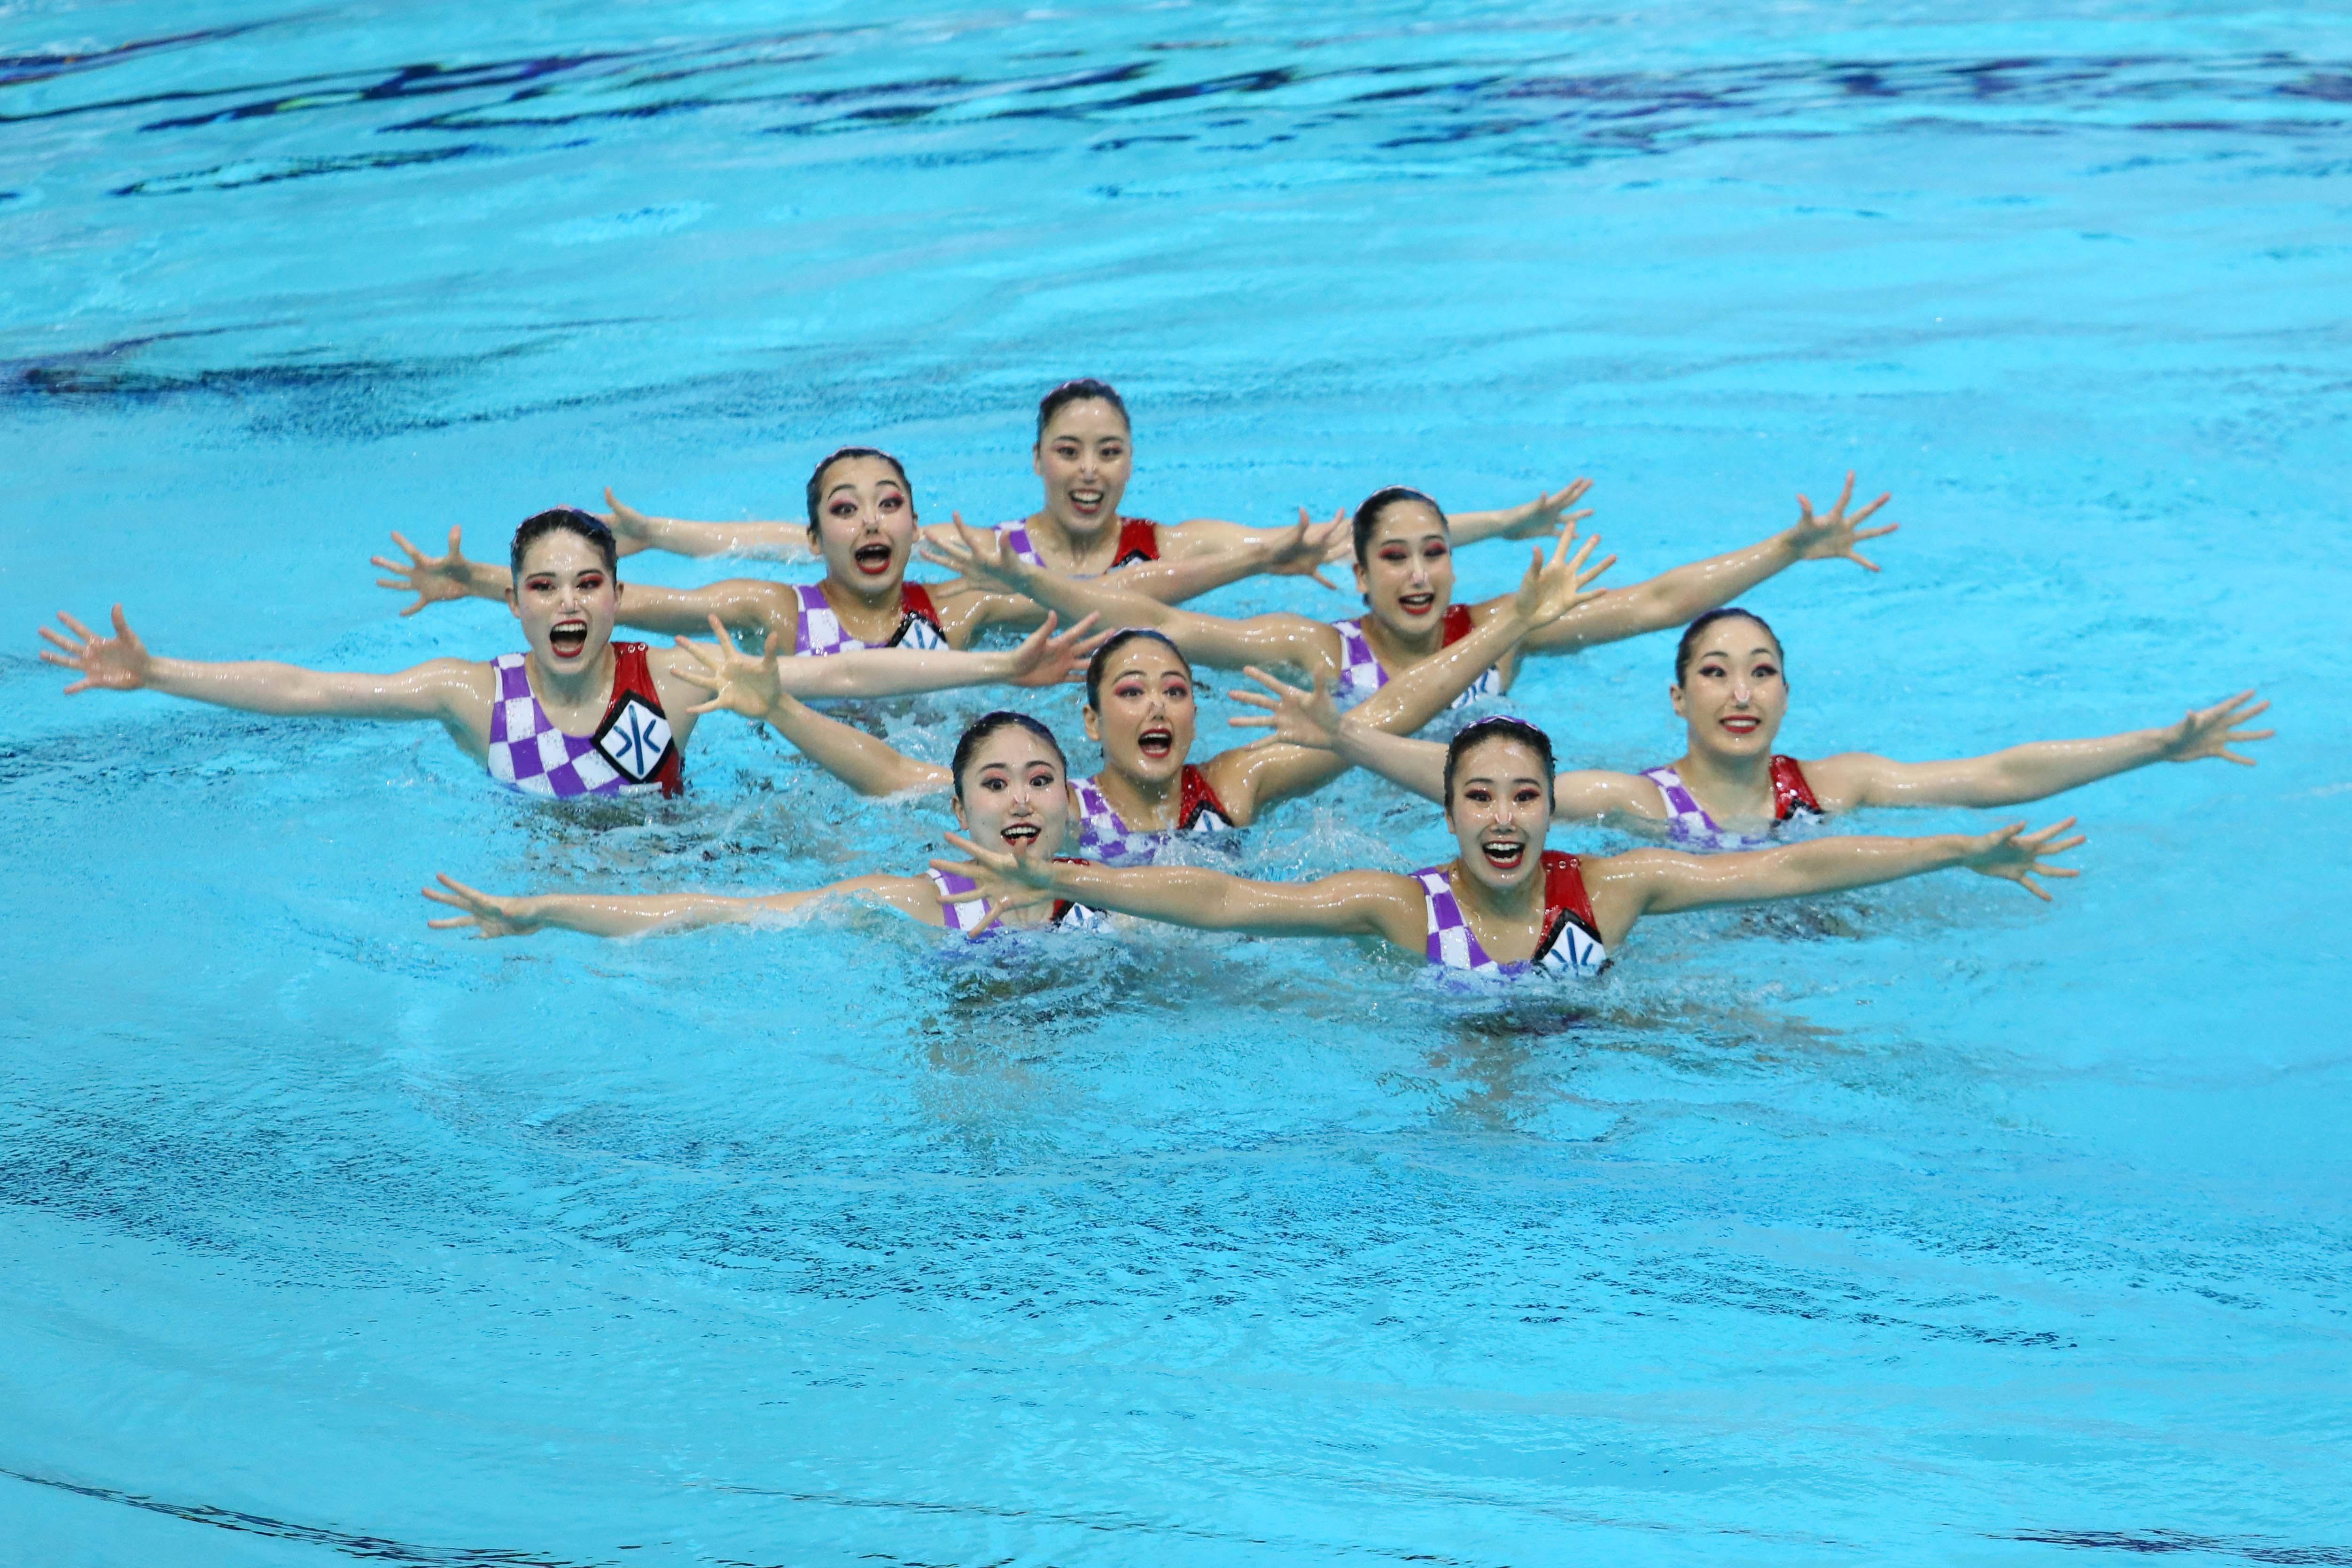 Мировая серия FINA по синхронному плаванию 2021